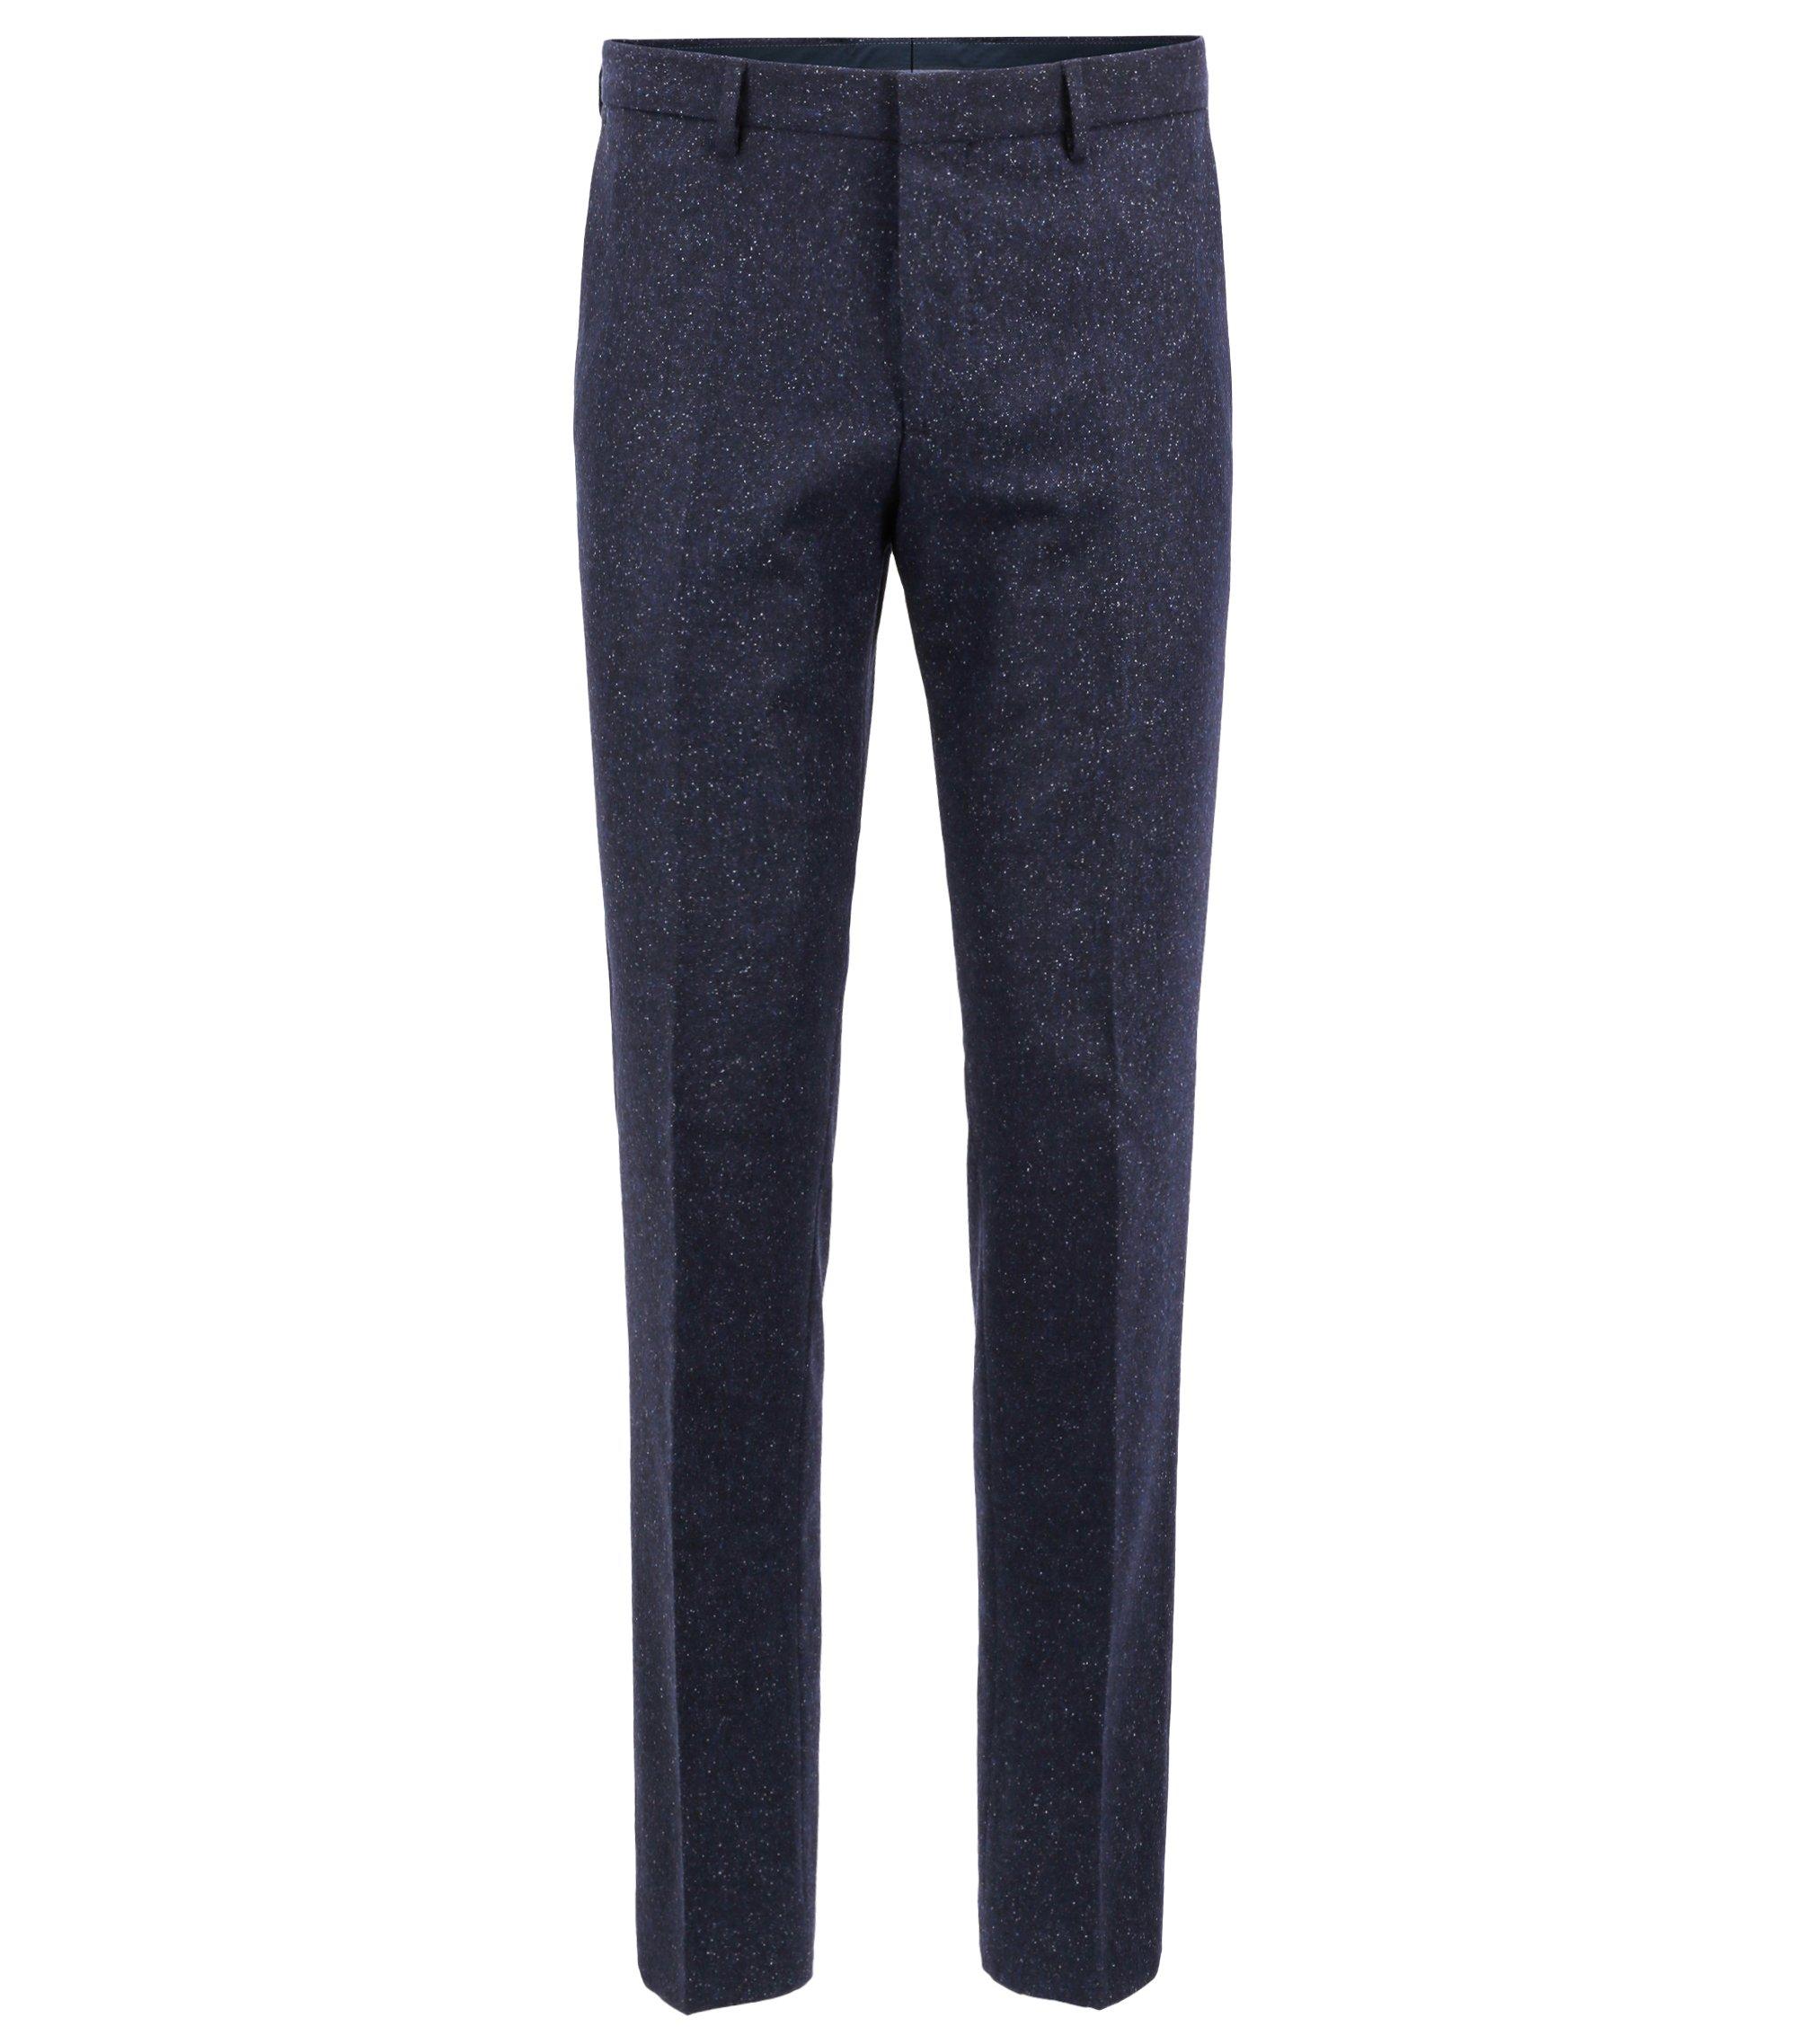 Pantalon Slim Fit en tweed de laine vierge mélangée, Bleu foncé